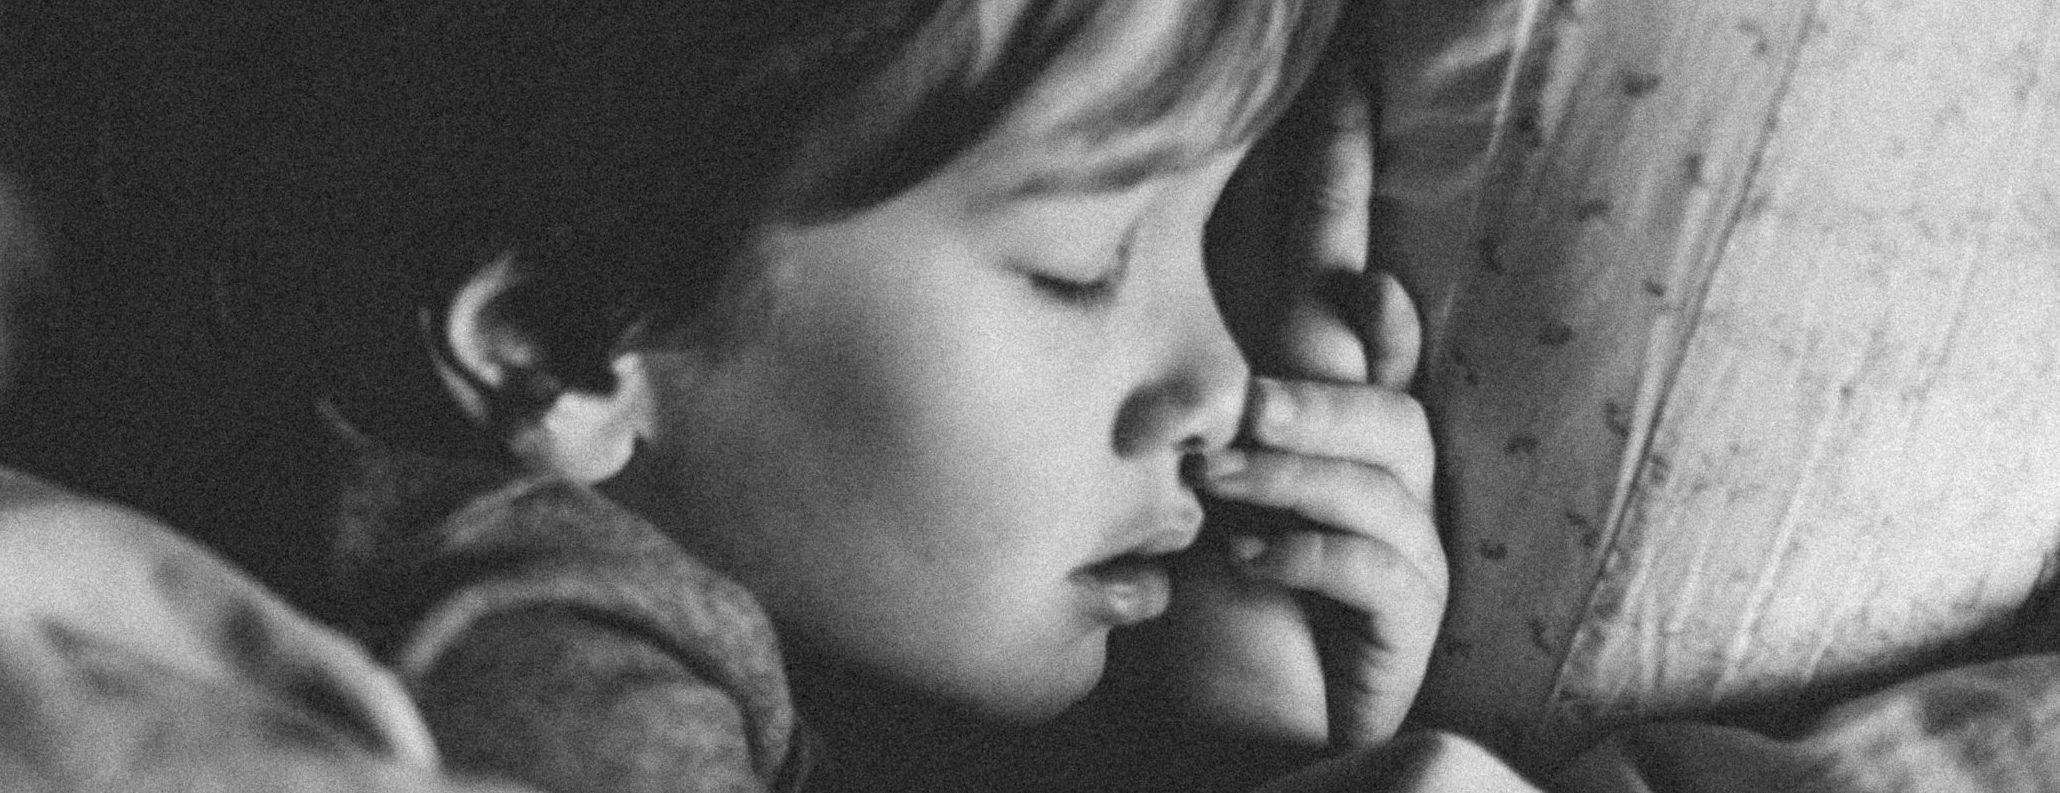 anemia u dzieci